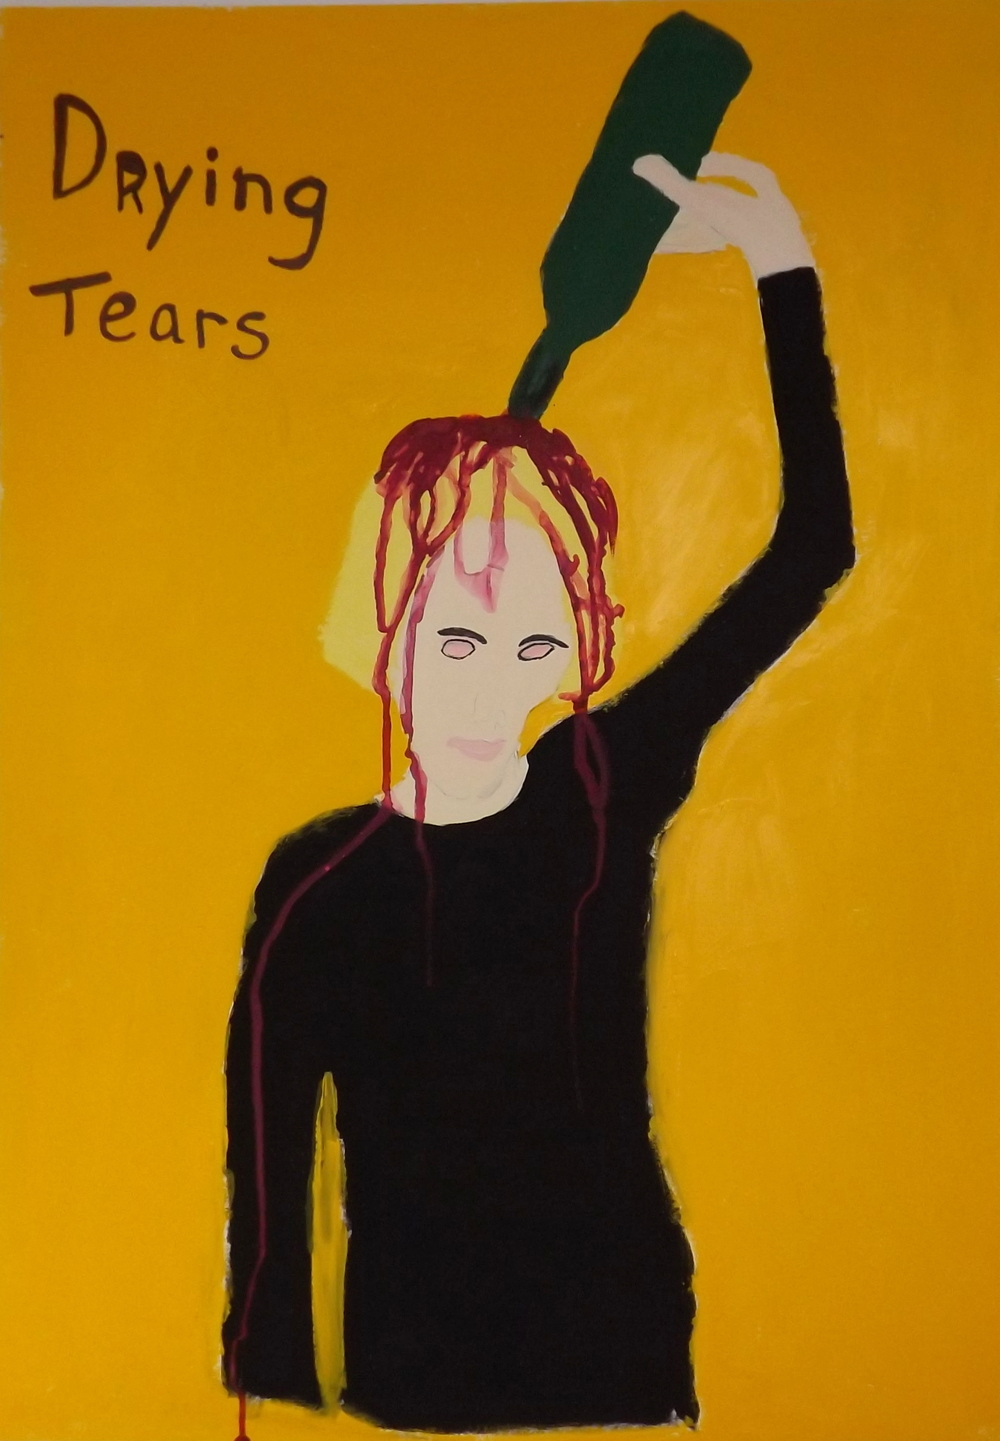 Drying Tears     Gouache on cardboard (2014)